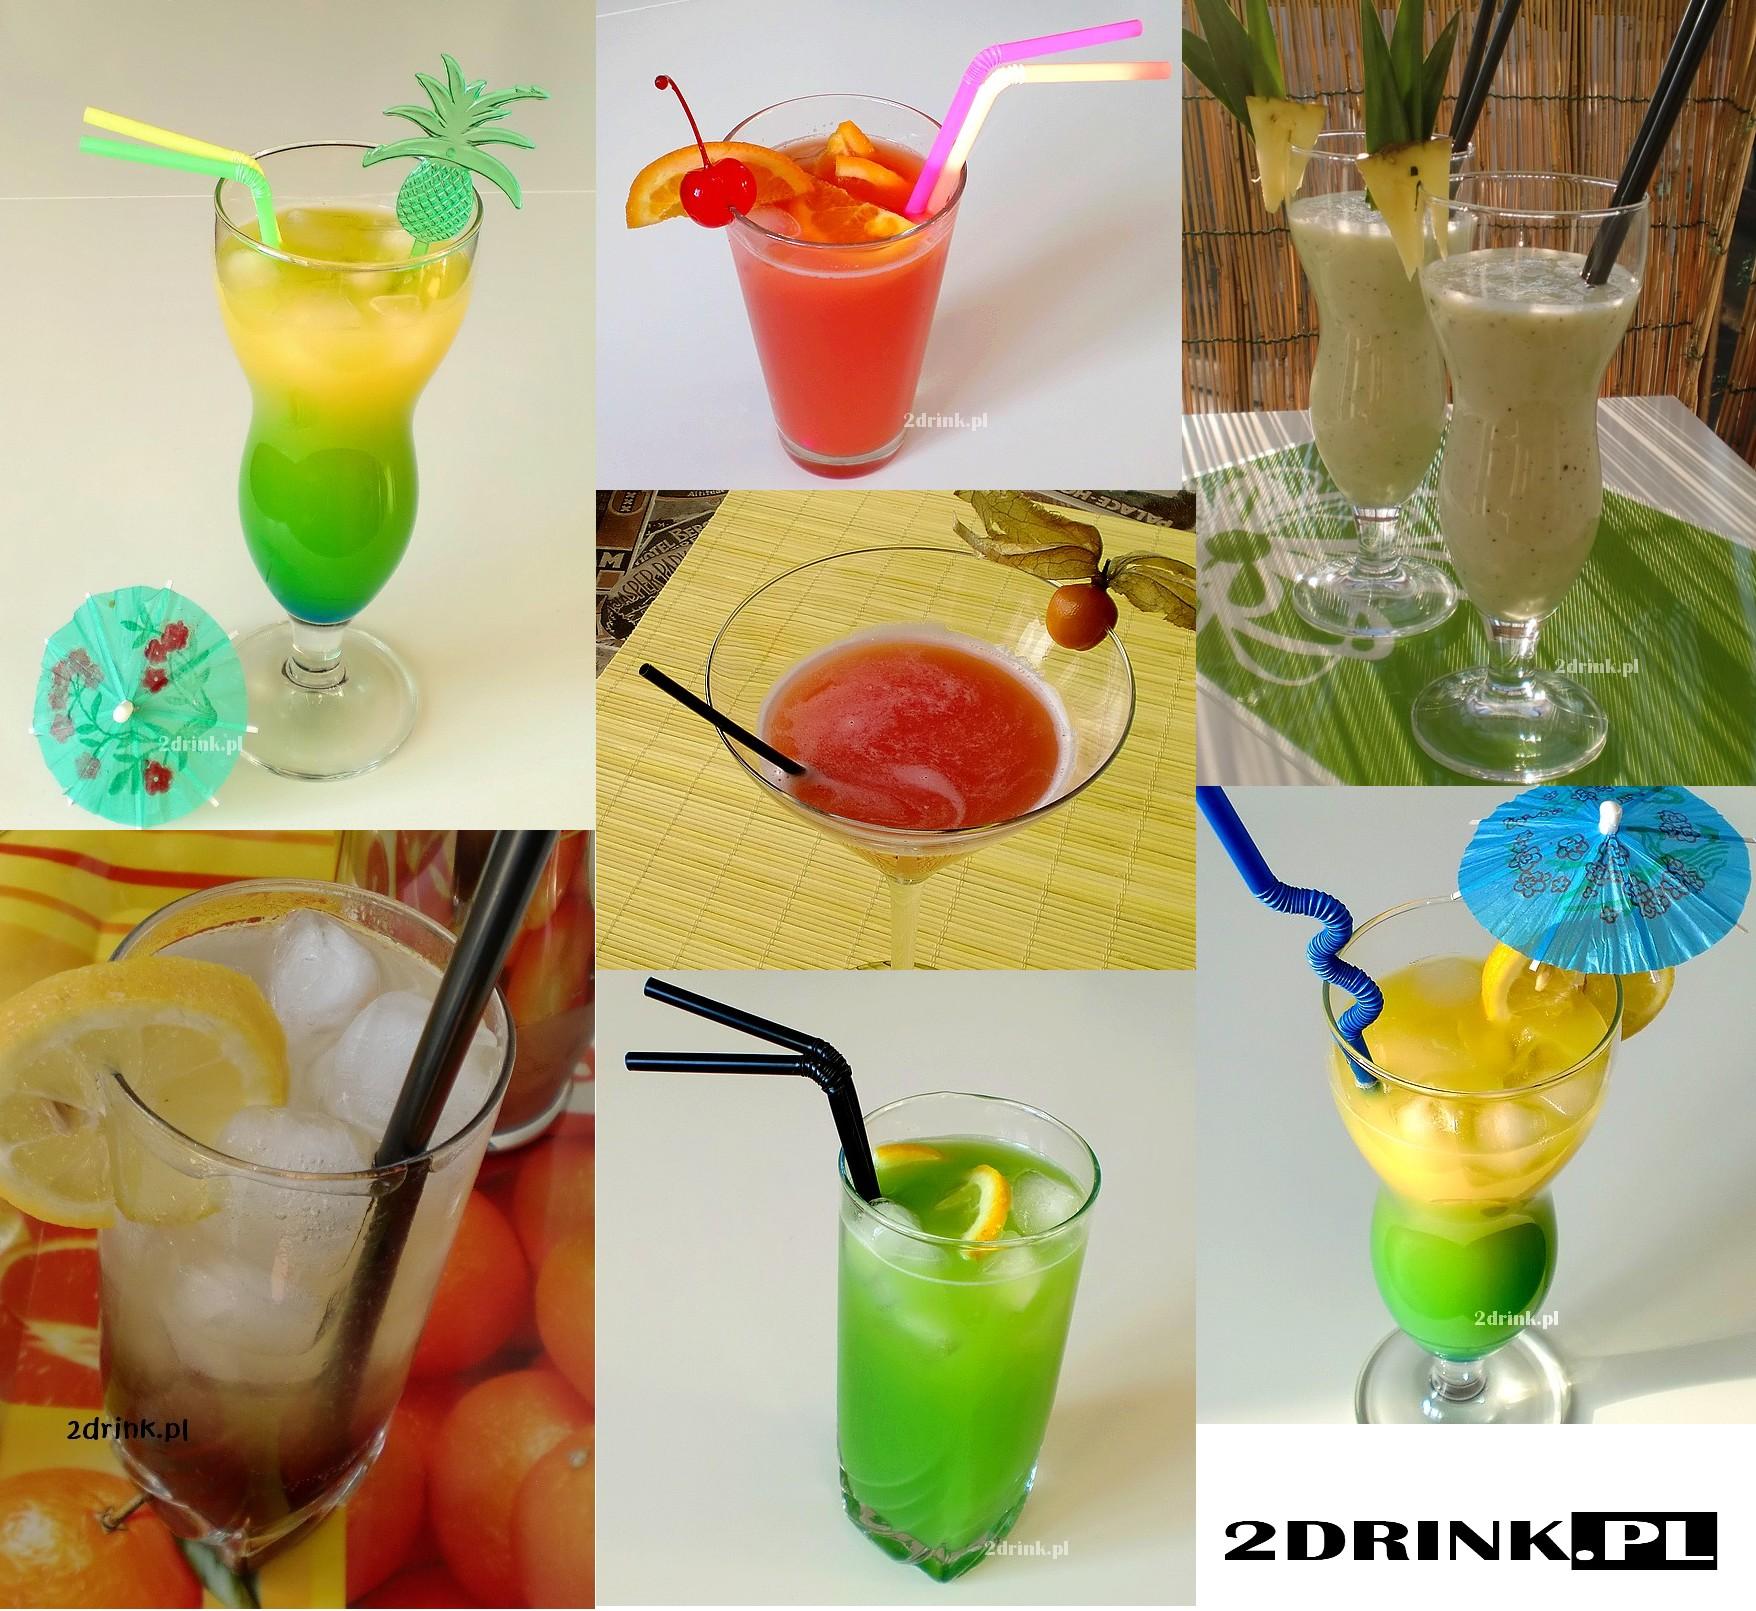 Słomki do drinków i inne dekoracje